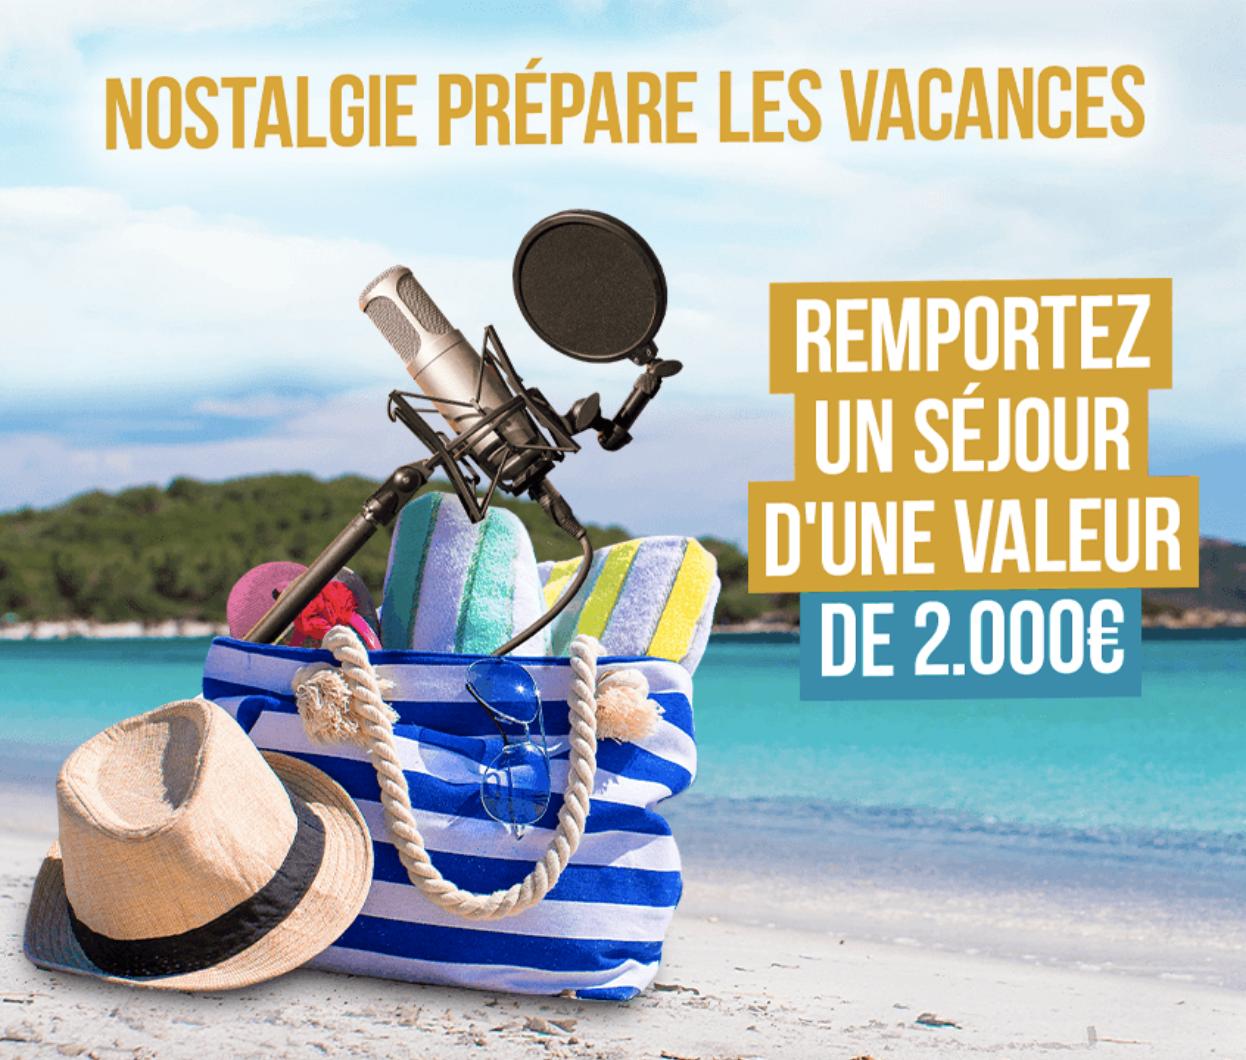 Nostalgie Belgique pense déjà aux vacances